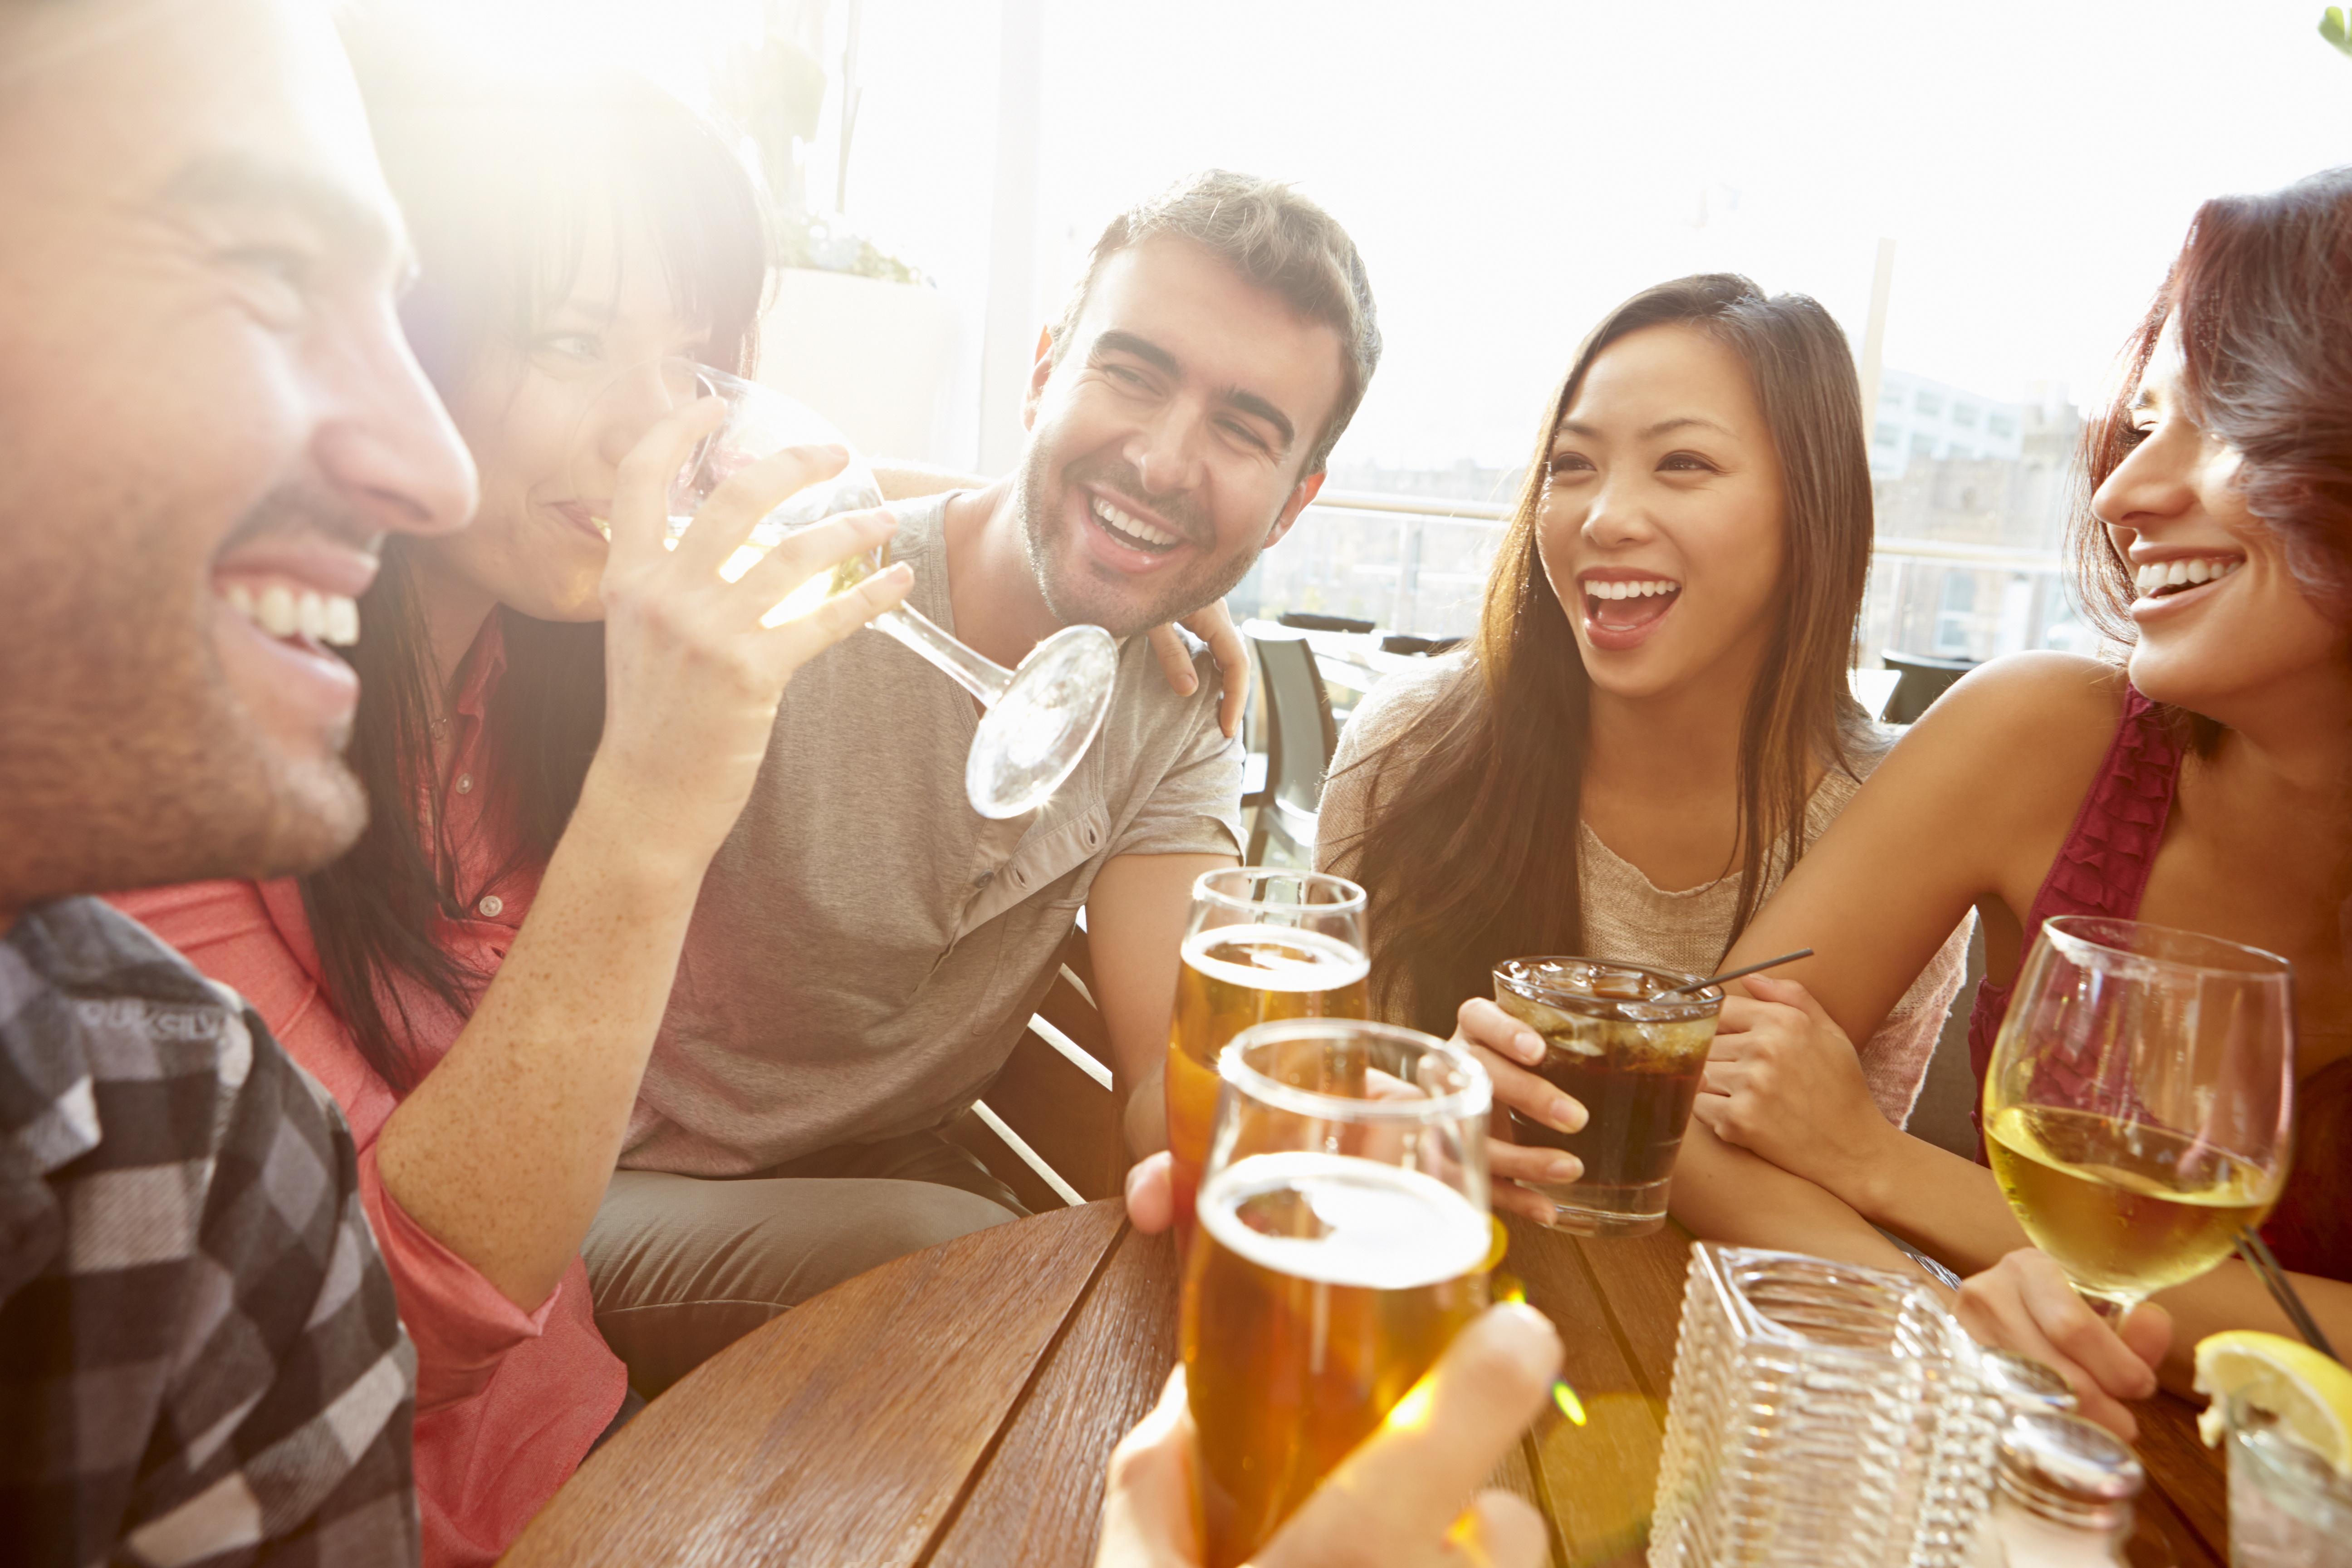 Lavorare all'estero in un bar: le 7 frasi che devi conoscere - Wall Street English